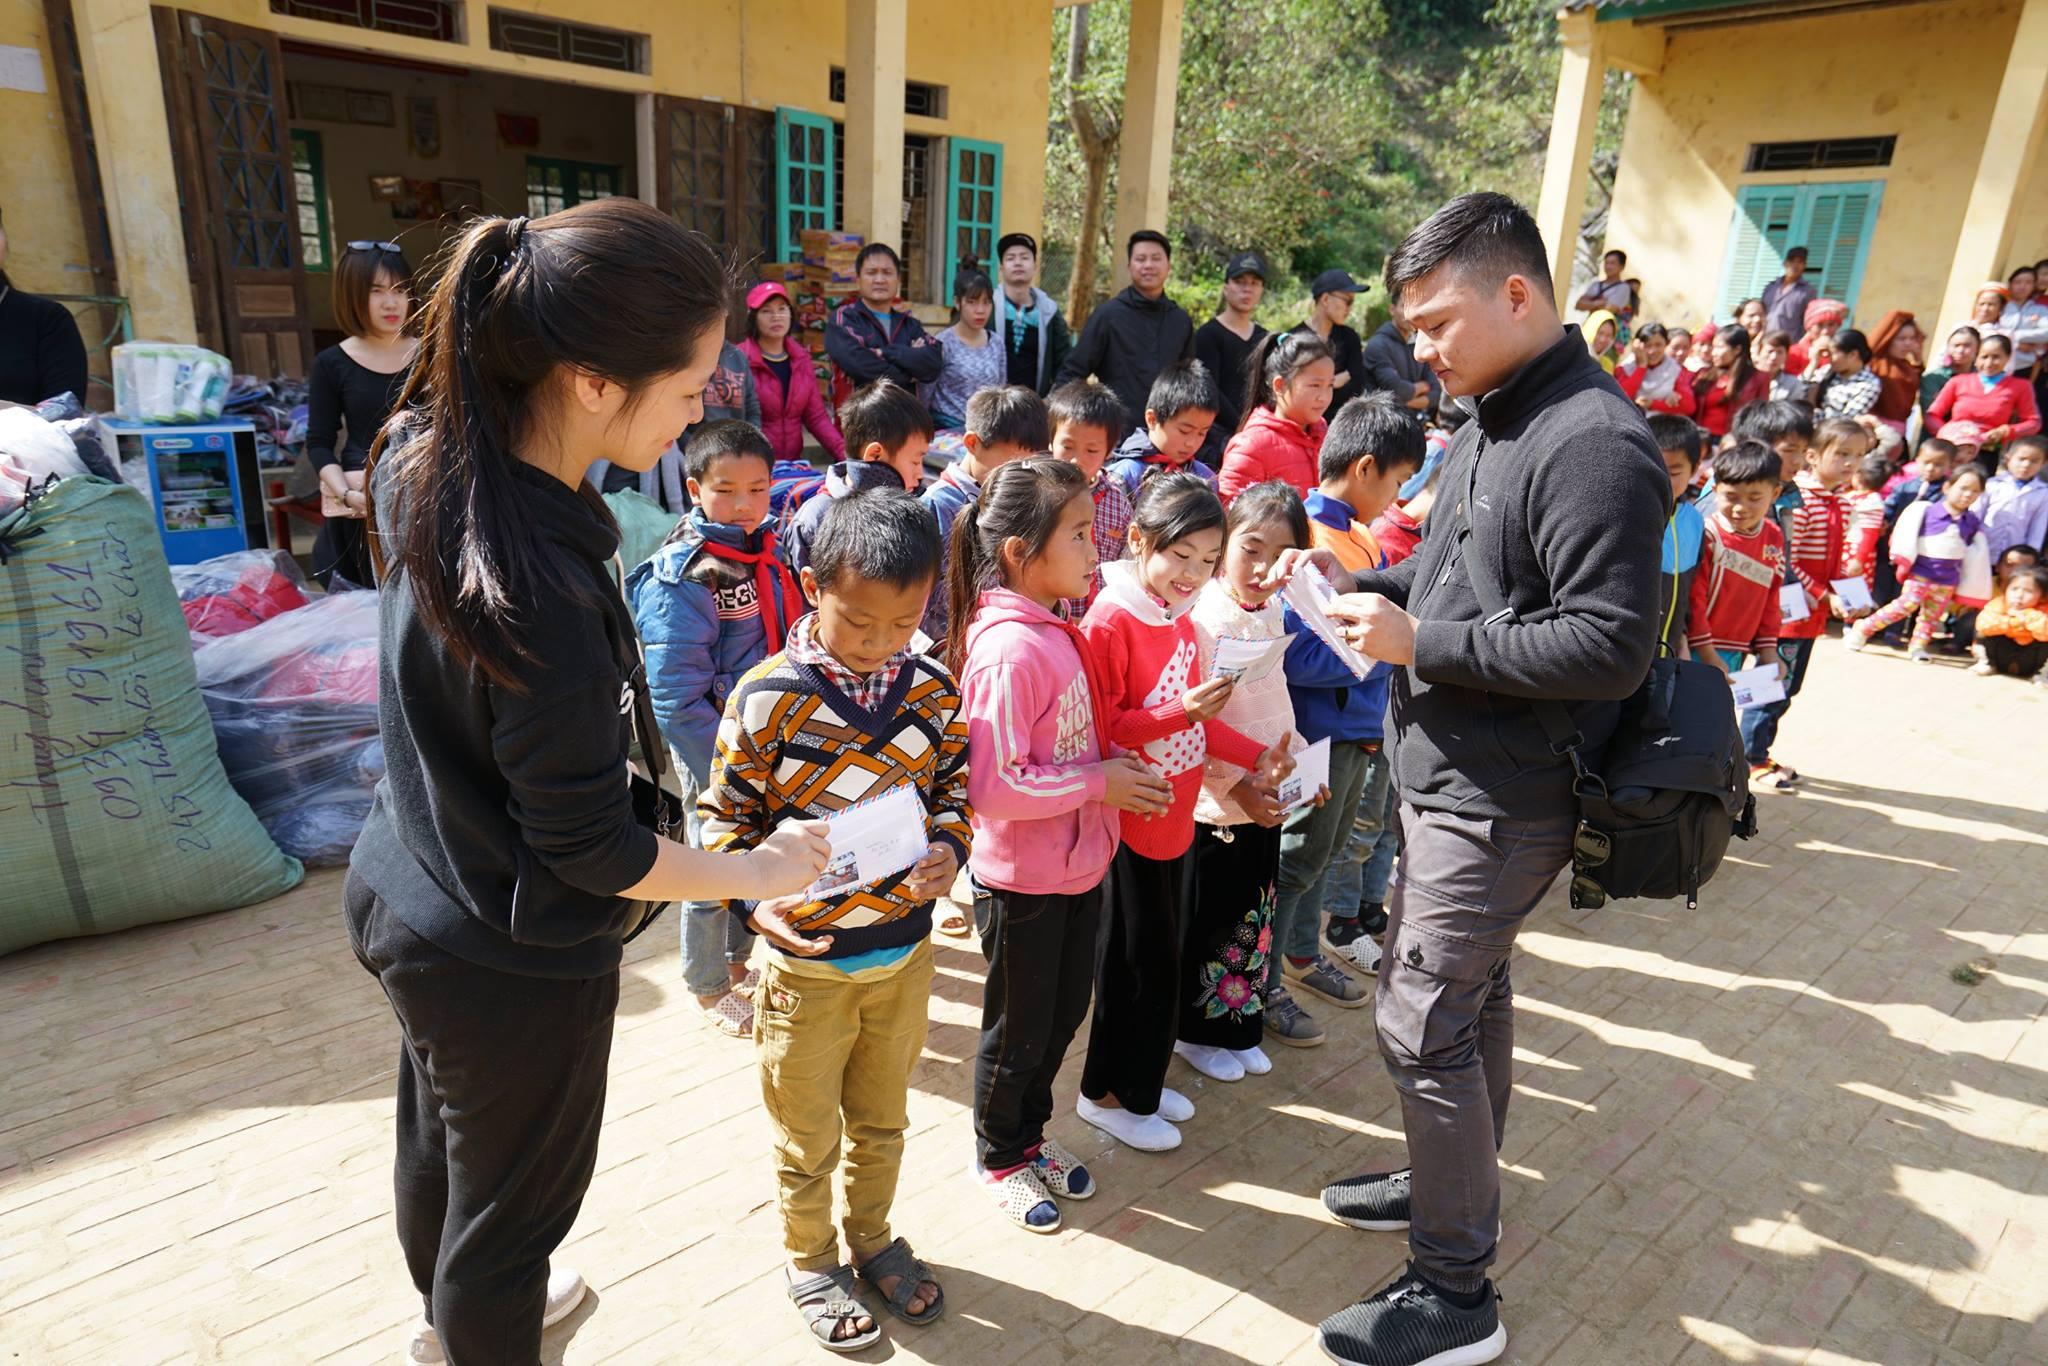 Nghĩa cử cao đẹp của nhóm du học sinh Úc quyên góp từ thiện giúp trẻ em vùng cao Vietnam 7 - Nghĩa cử cao đẹp của nhóm du học sinh Úc quyên góp từ thiện giúp trẻ em vùng cao Vietnam